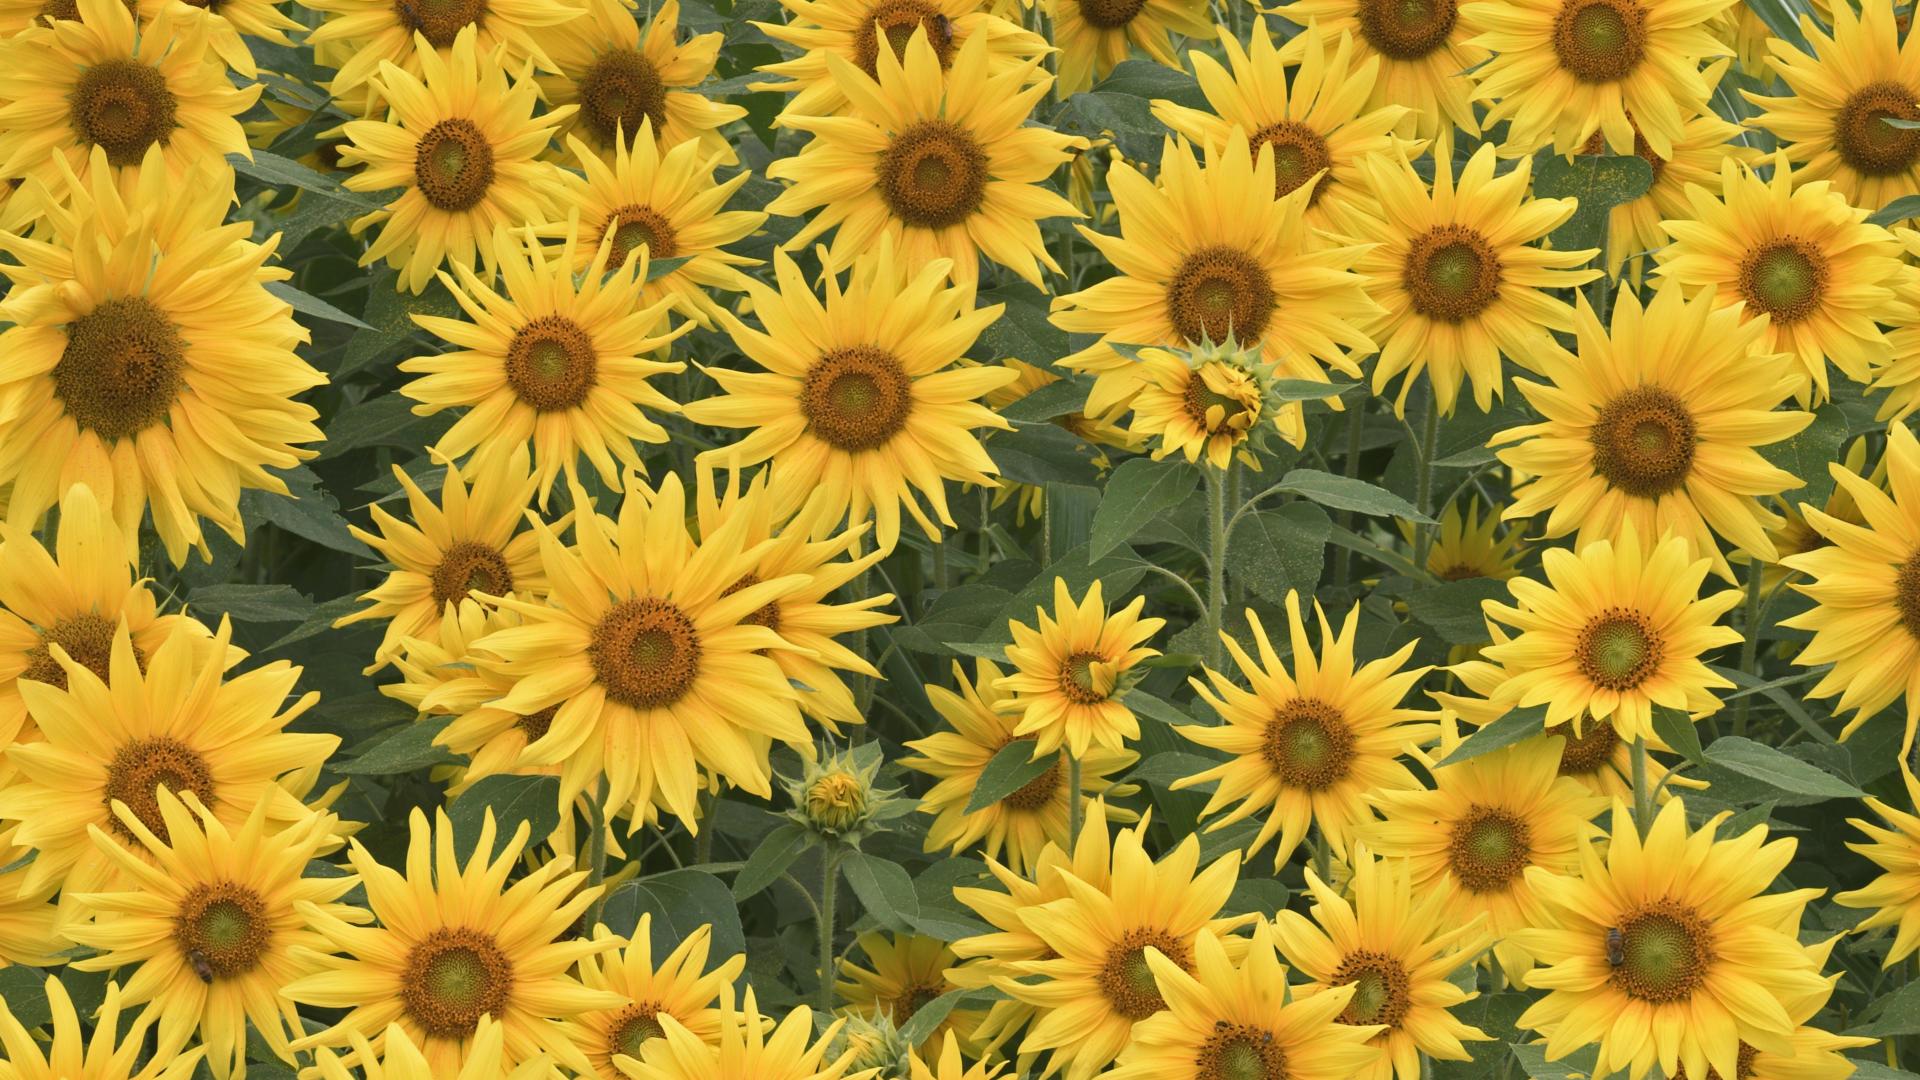 природа цветы подсолнечник  № 2671808 загрузить